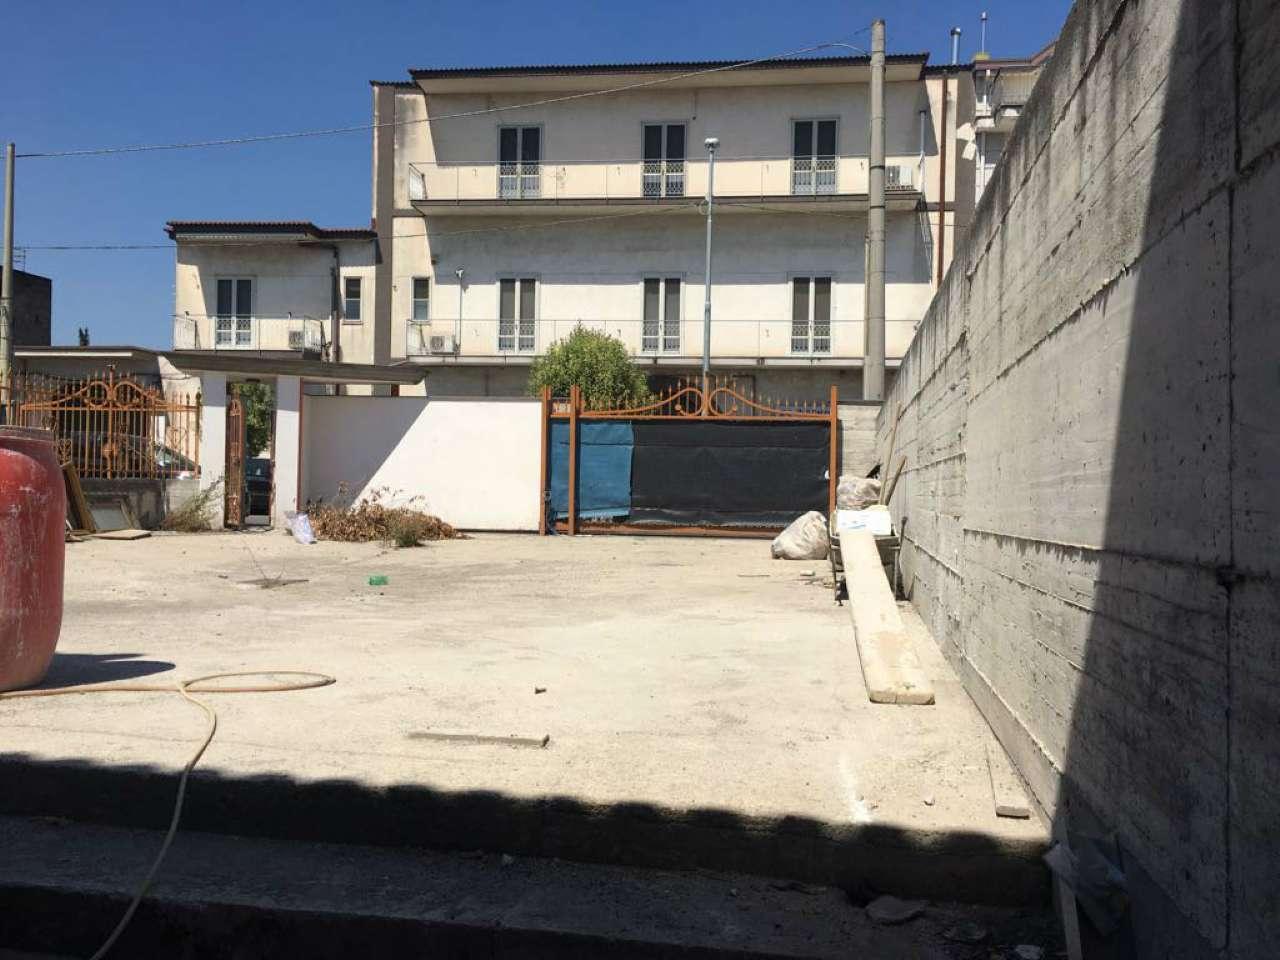 Negozio / Locale in affitto a Marigliano, 1 locali, prezzo € 1.300 | CambioCasa.it